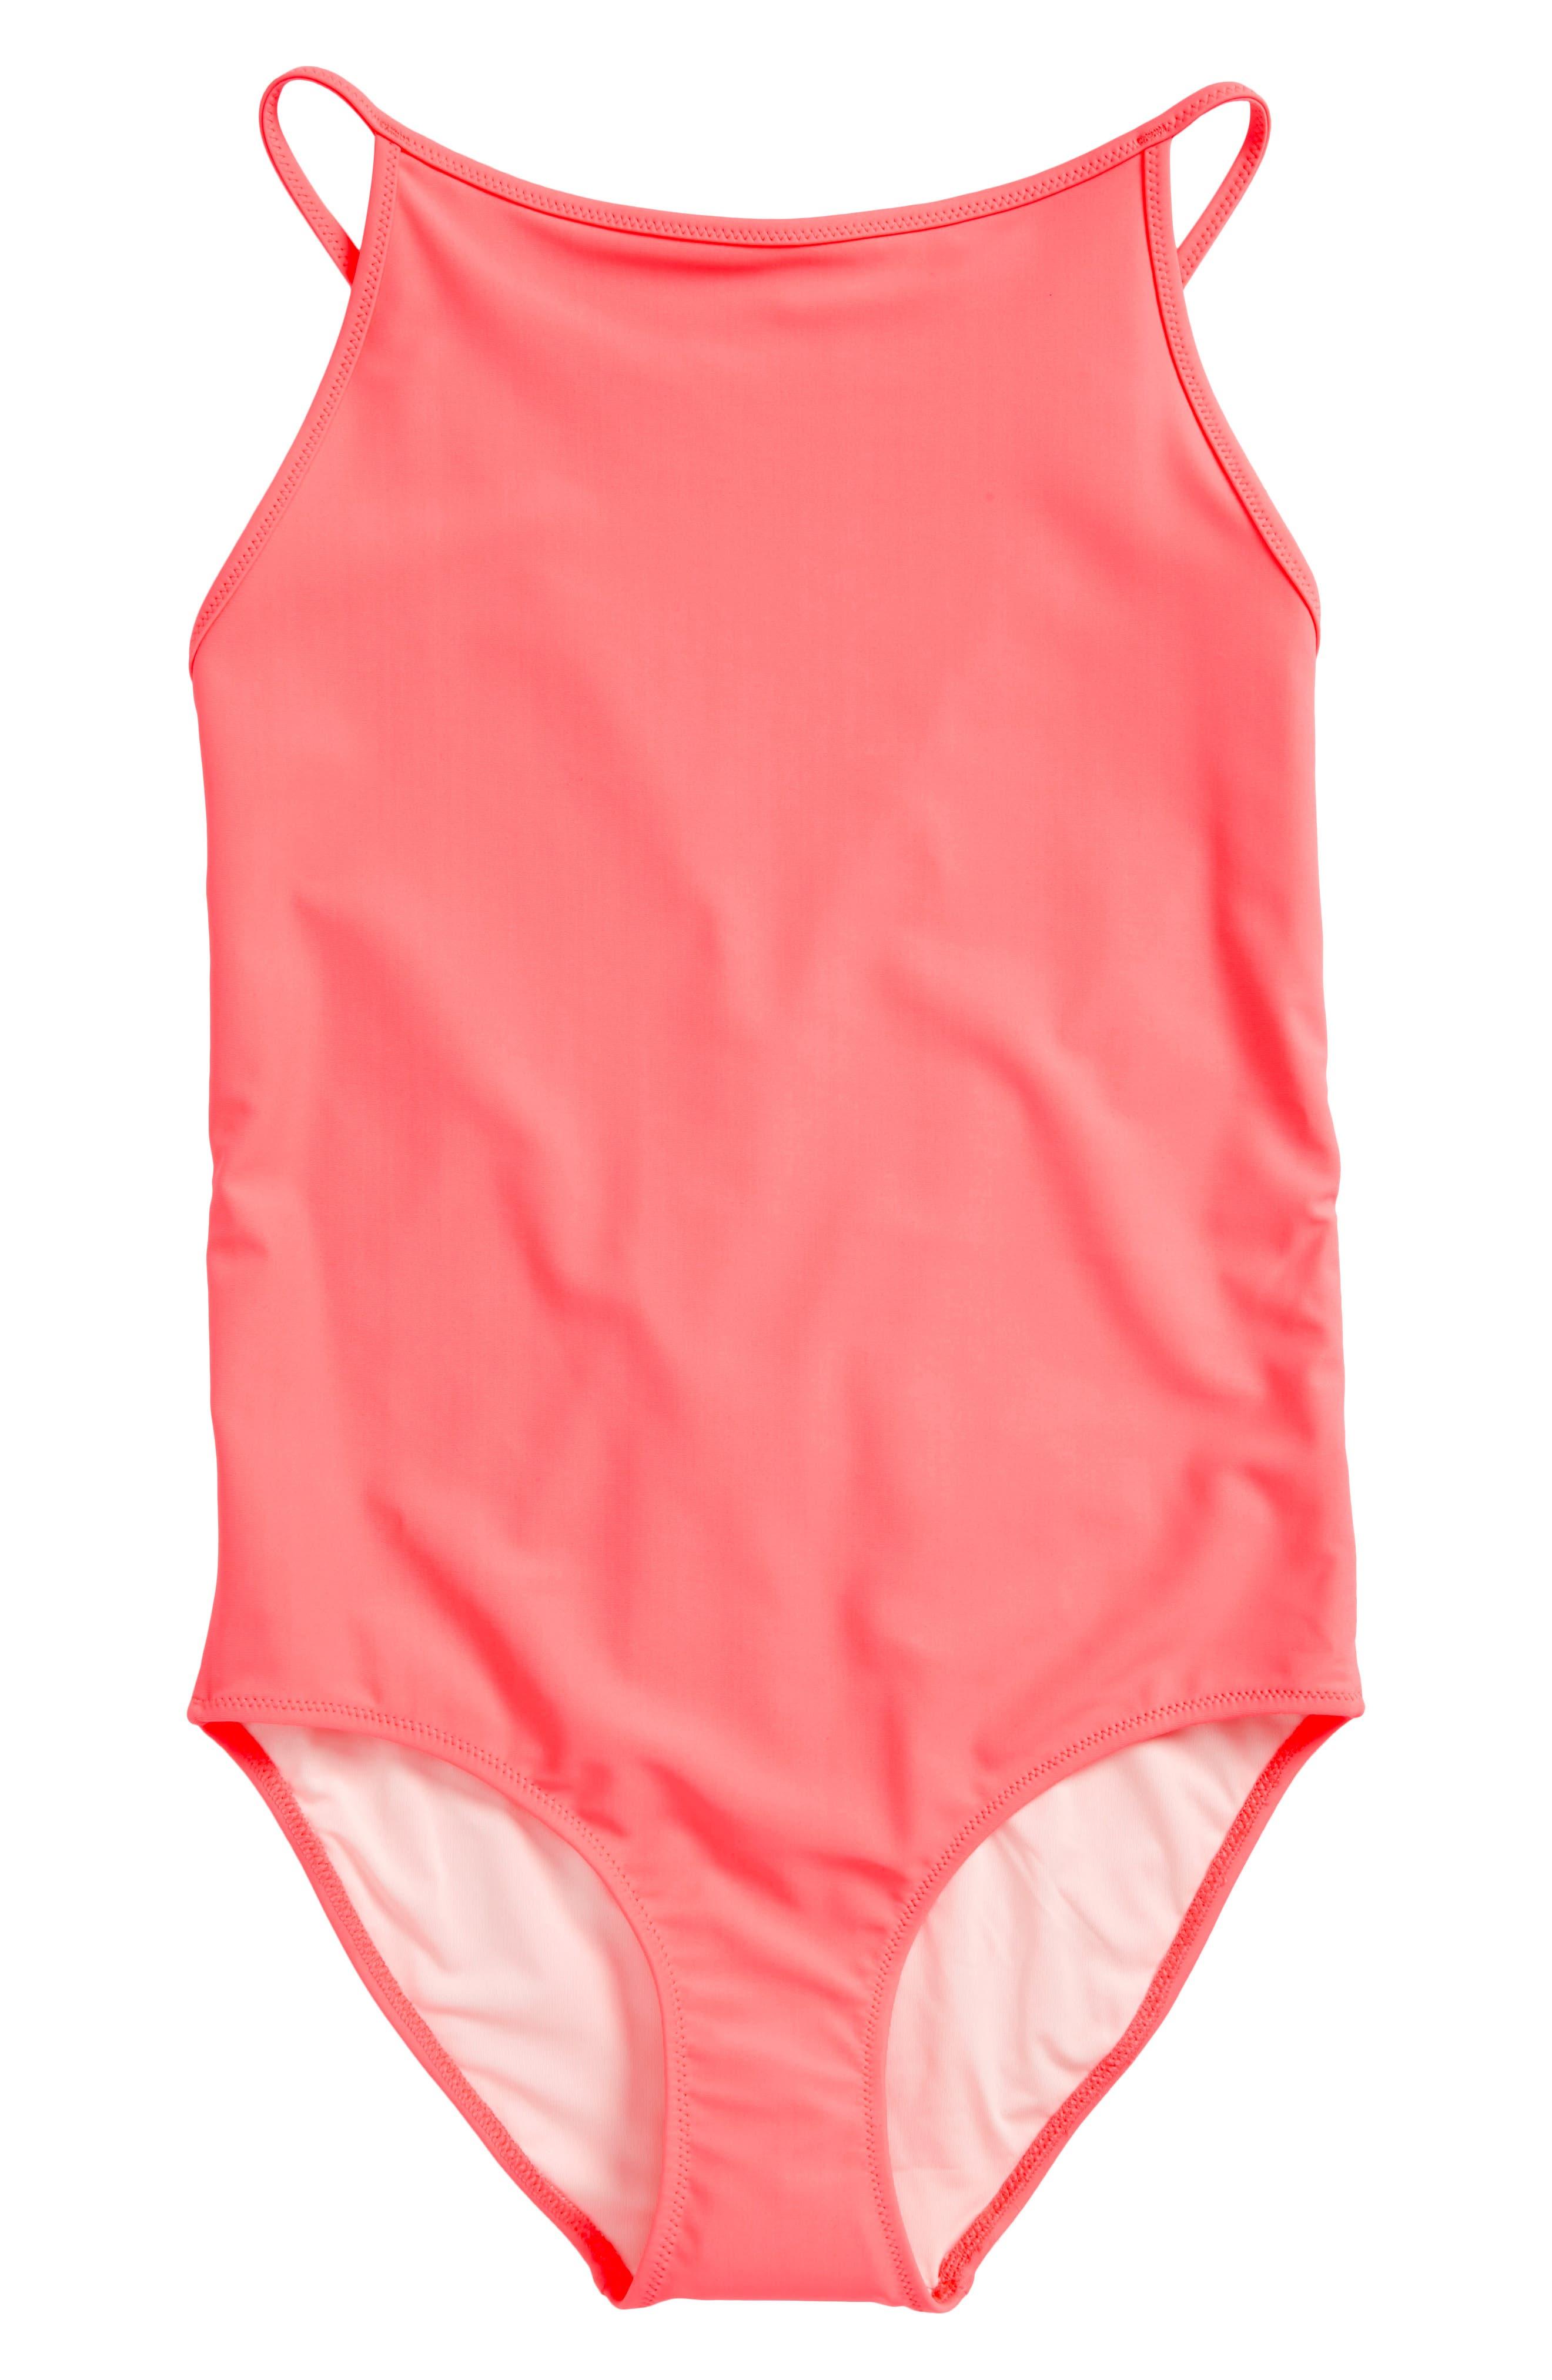 Sandine One-Piece Swimsuit,                         Main,                         color, 950